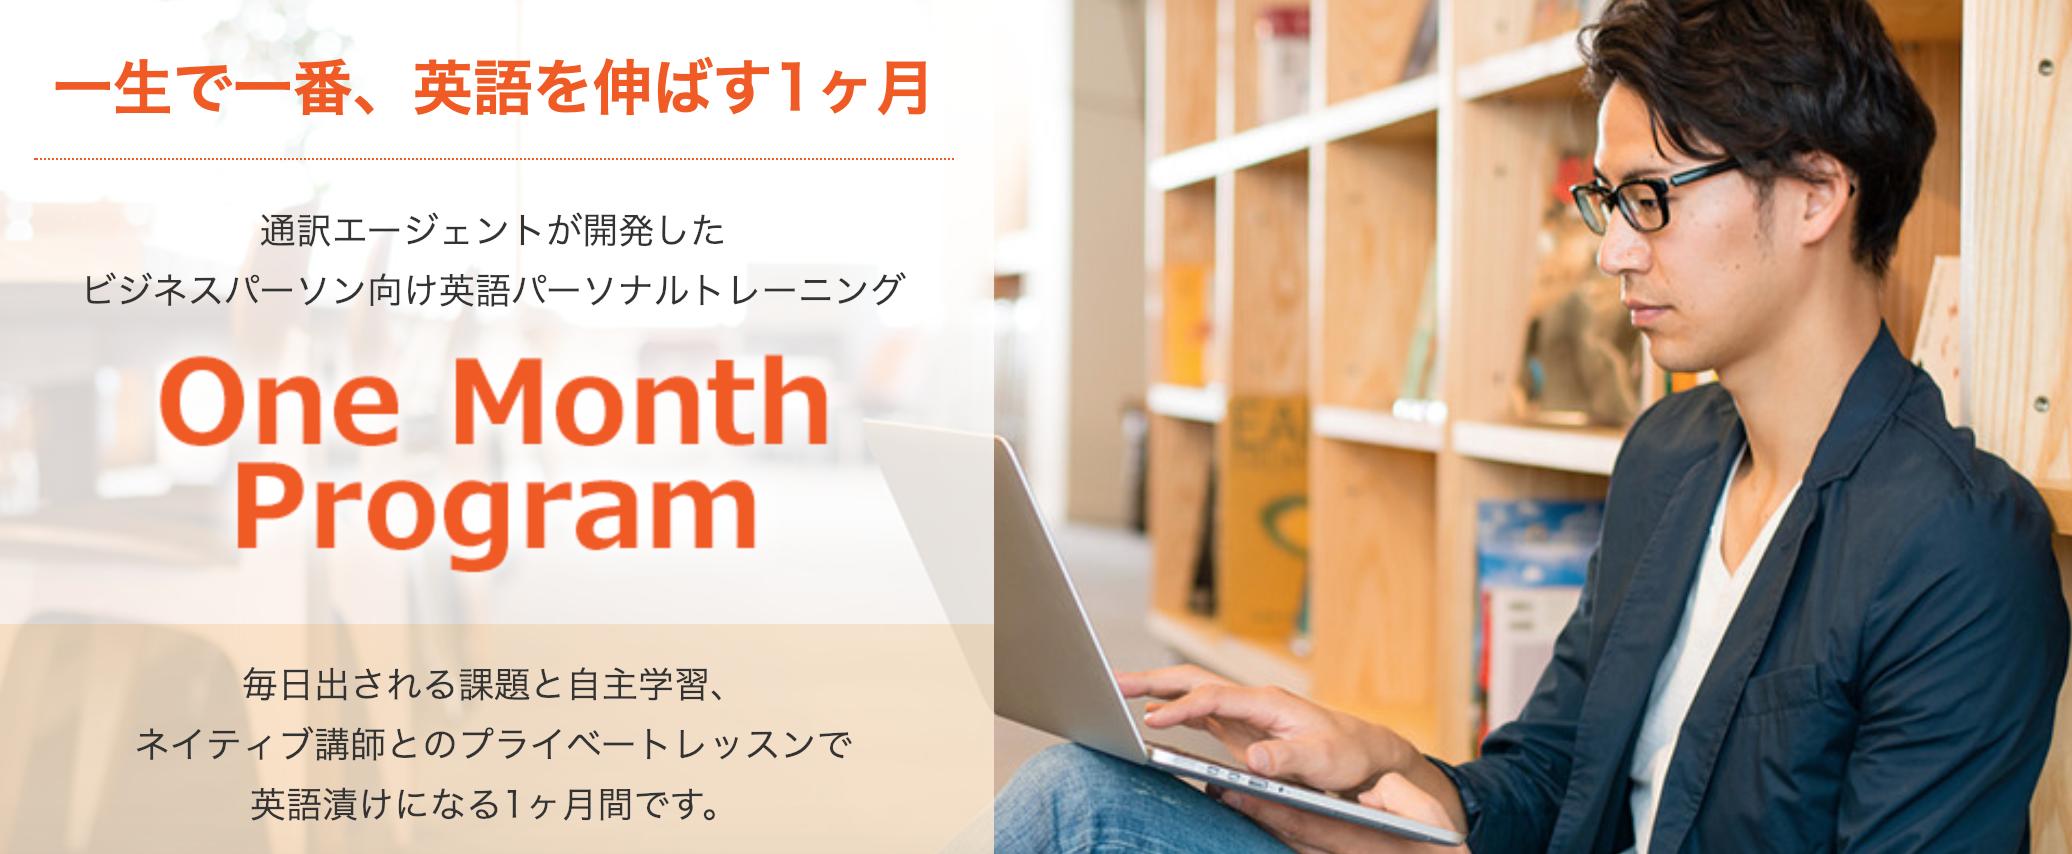 【口コミ・評判】One Month Program!の英語コーチングをプロ通訳に教わったらどうなる?